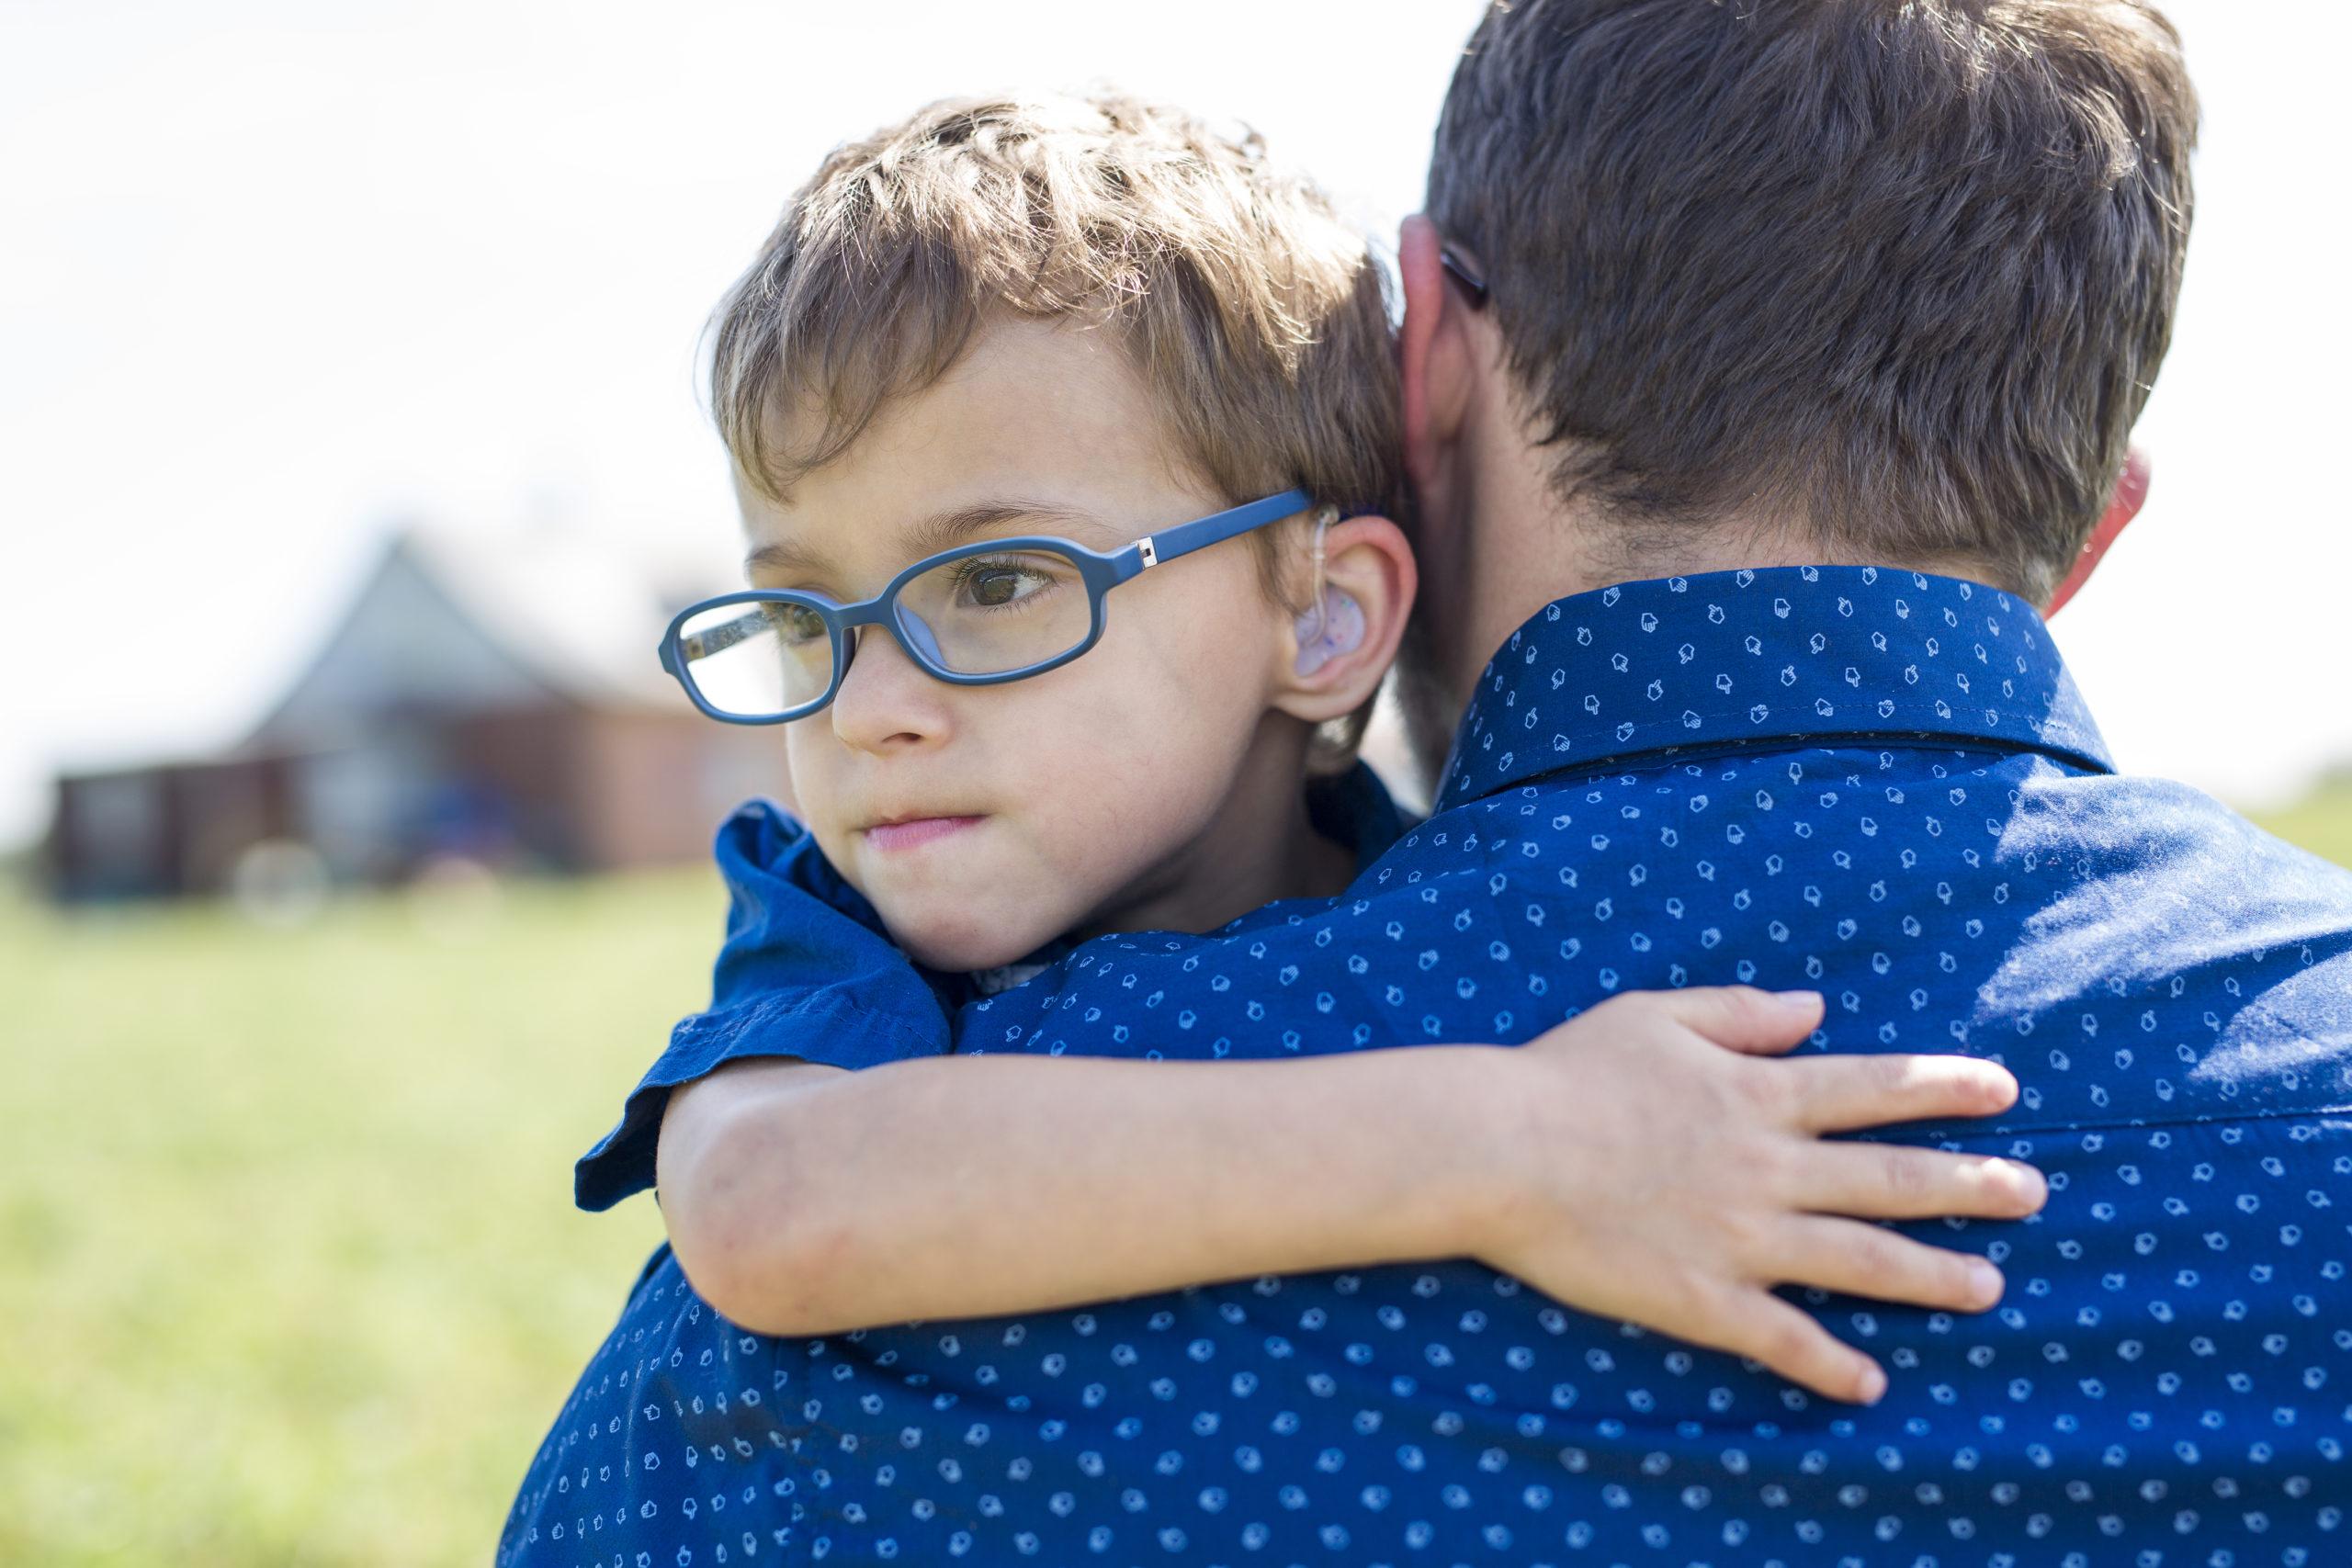 petit garçon dans les bras de son père